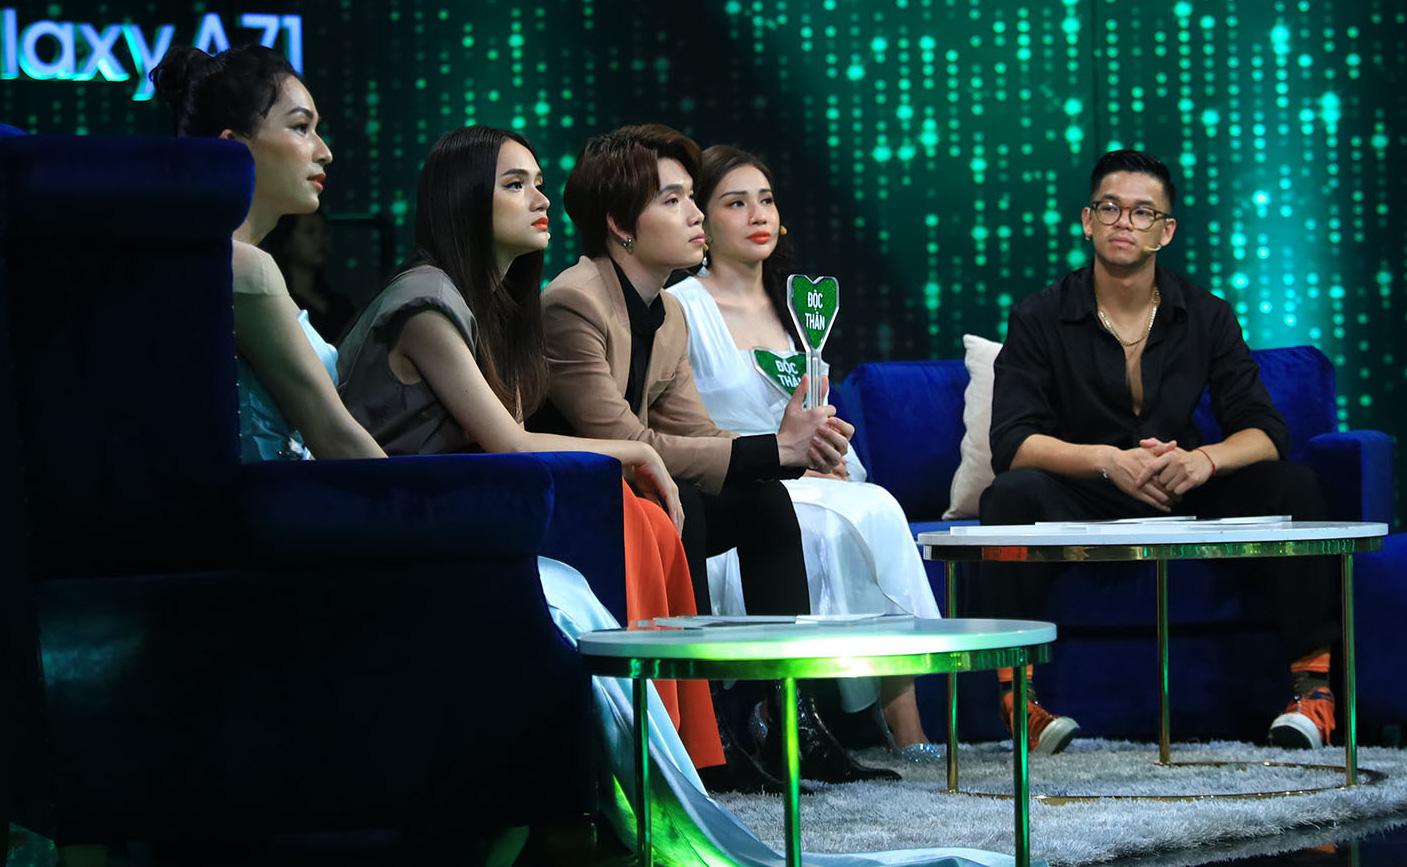 Hương Giang chính thức lên tiếng sau phát ngôn gây tranh cãi về người chuyển giới nữ ở Người ấy là ai - Ảnh 3.